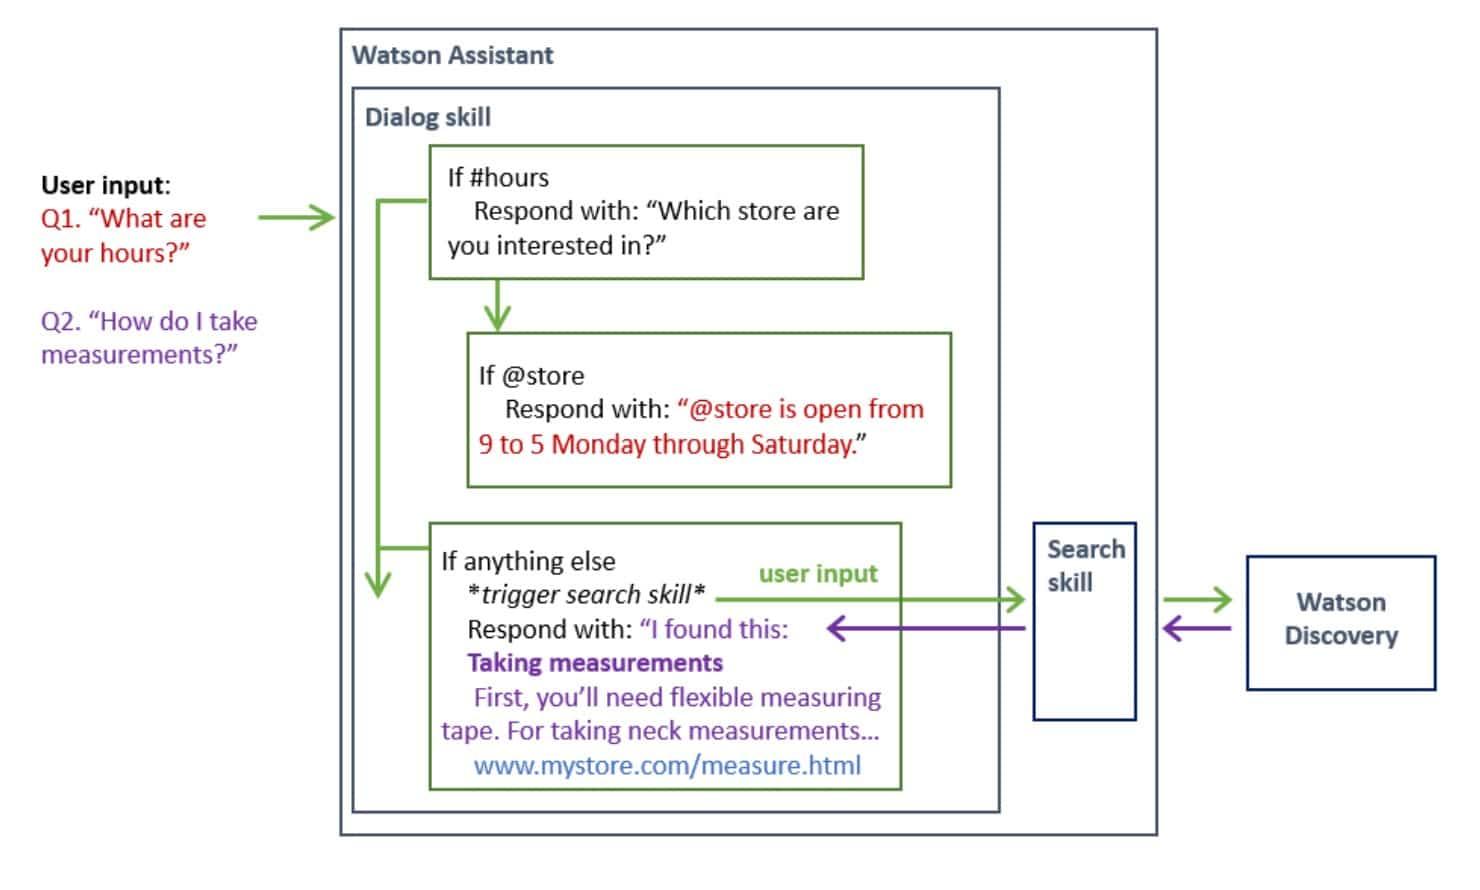 Schéma représentant le fonctionnement de Watson Assistant Research Skill